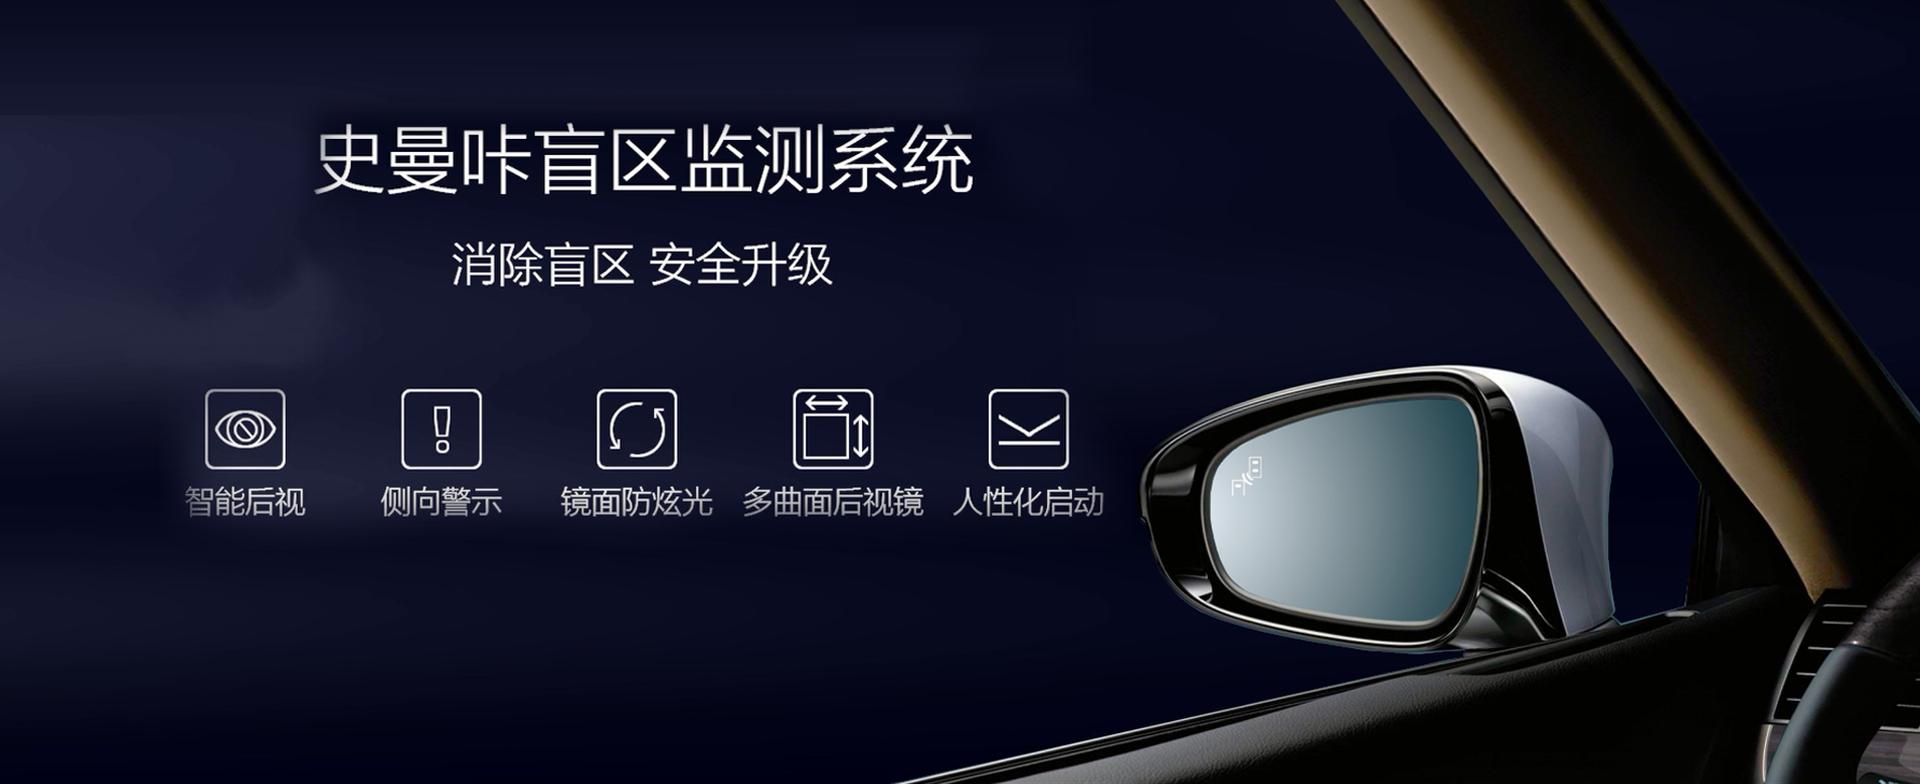 汽车盲区监测系统